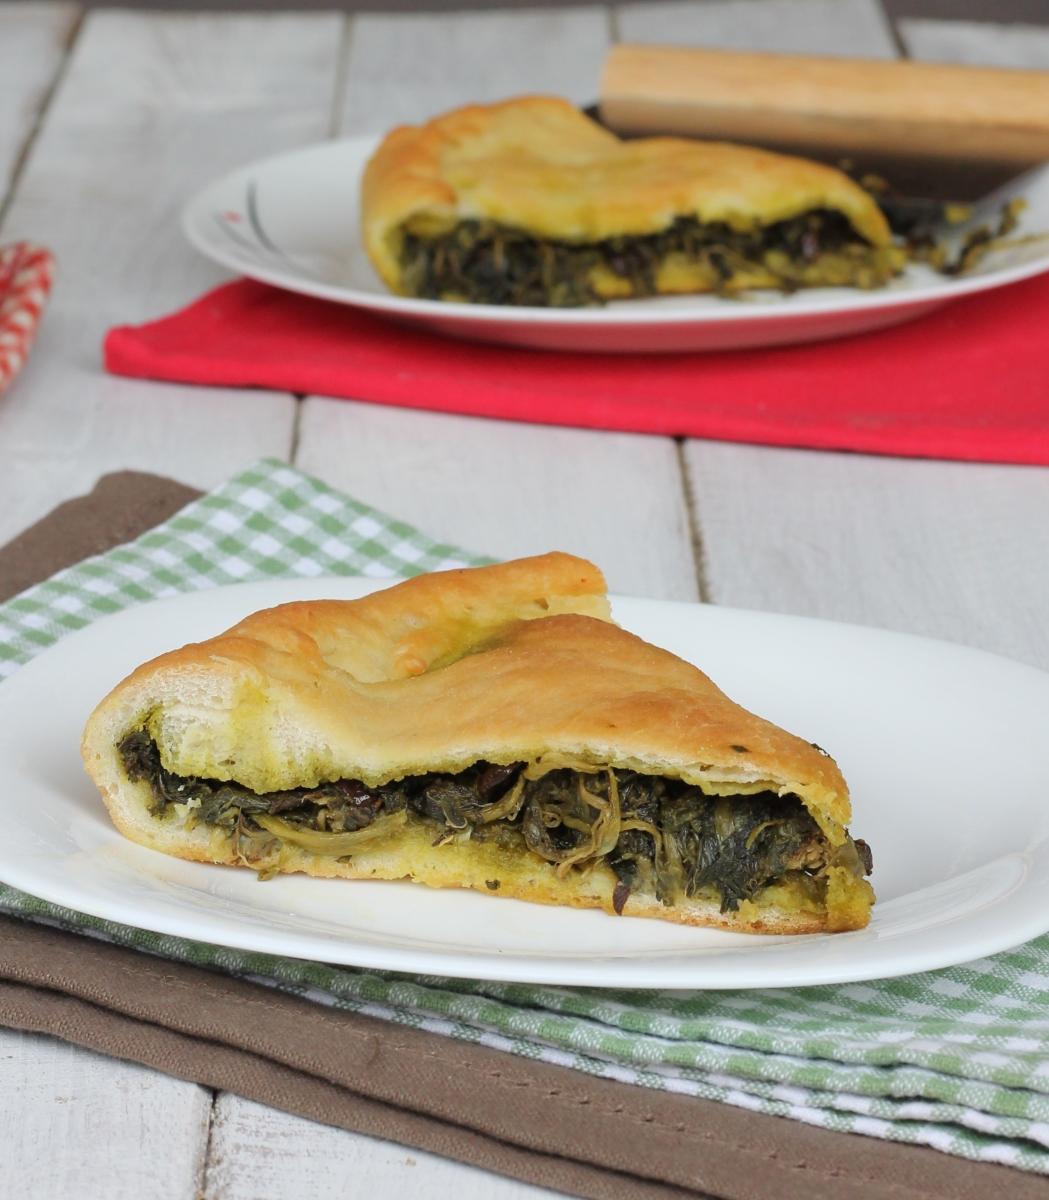 PIZZA DI SCAROLE NAPOLETANA ricetta torta di scarole tradizionale